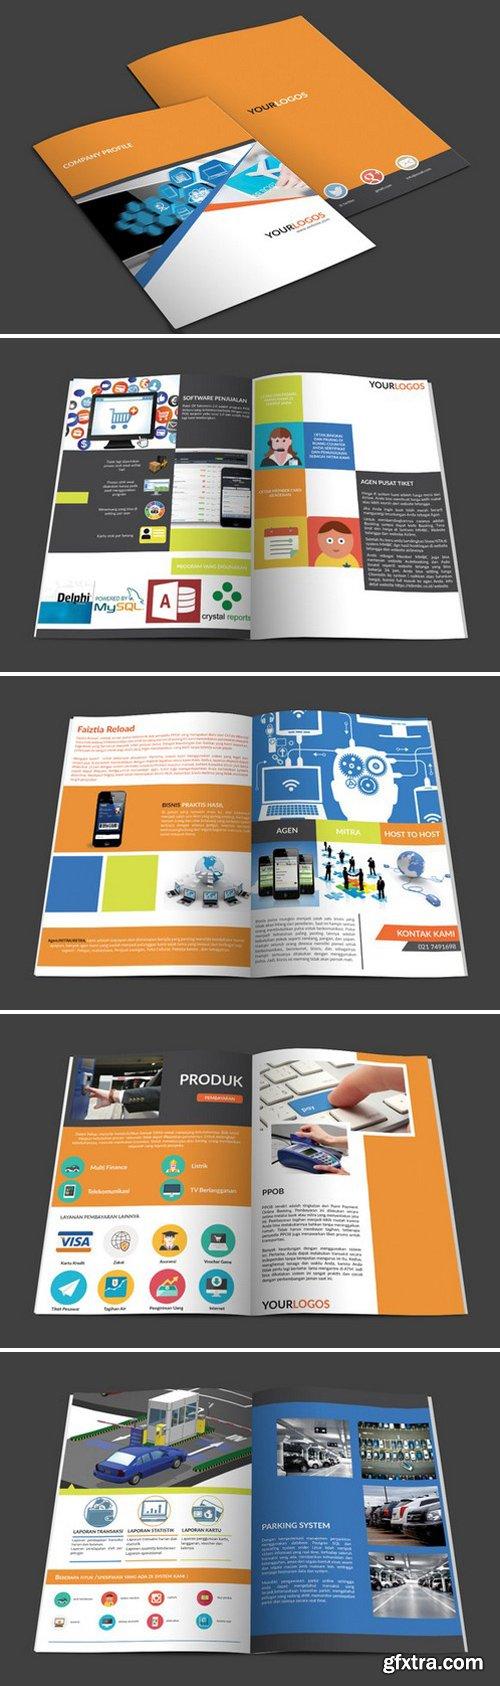 CM - Company Profile For Marketing 334121